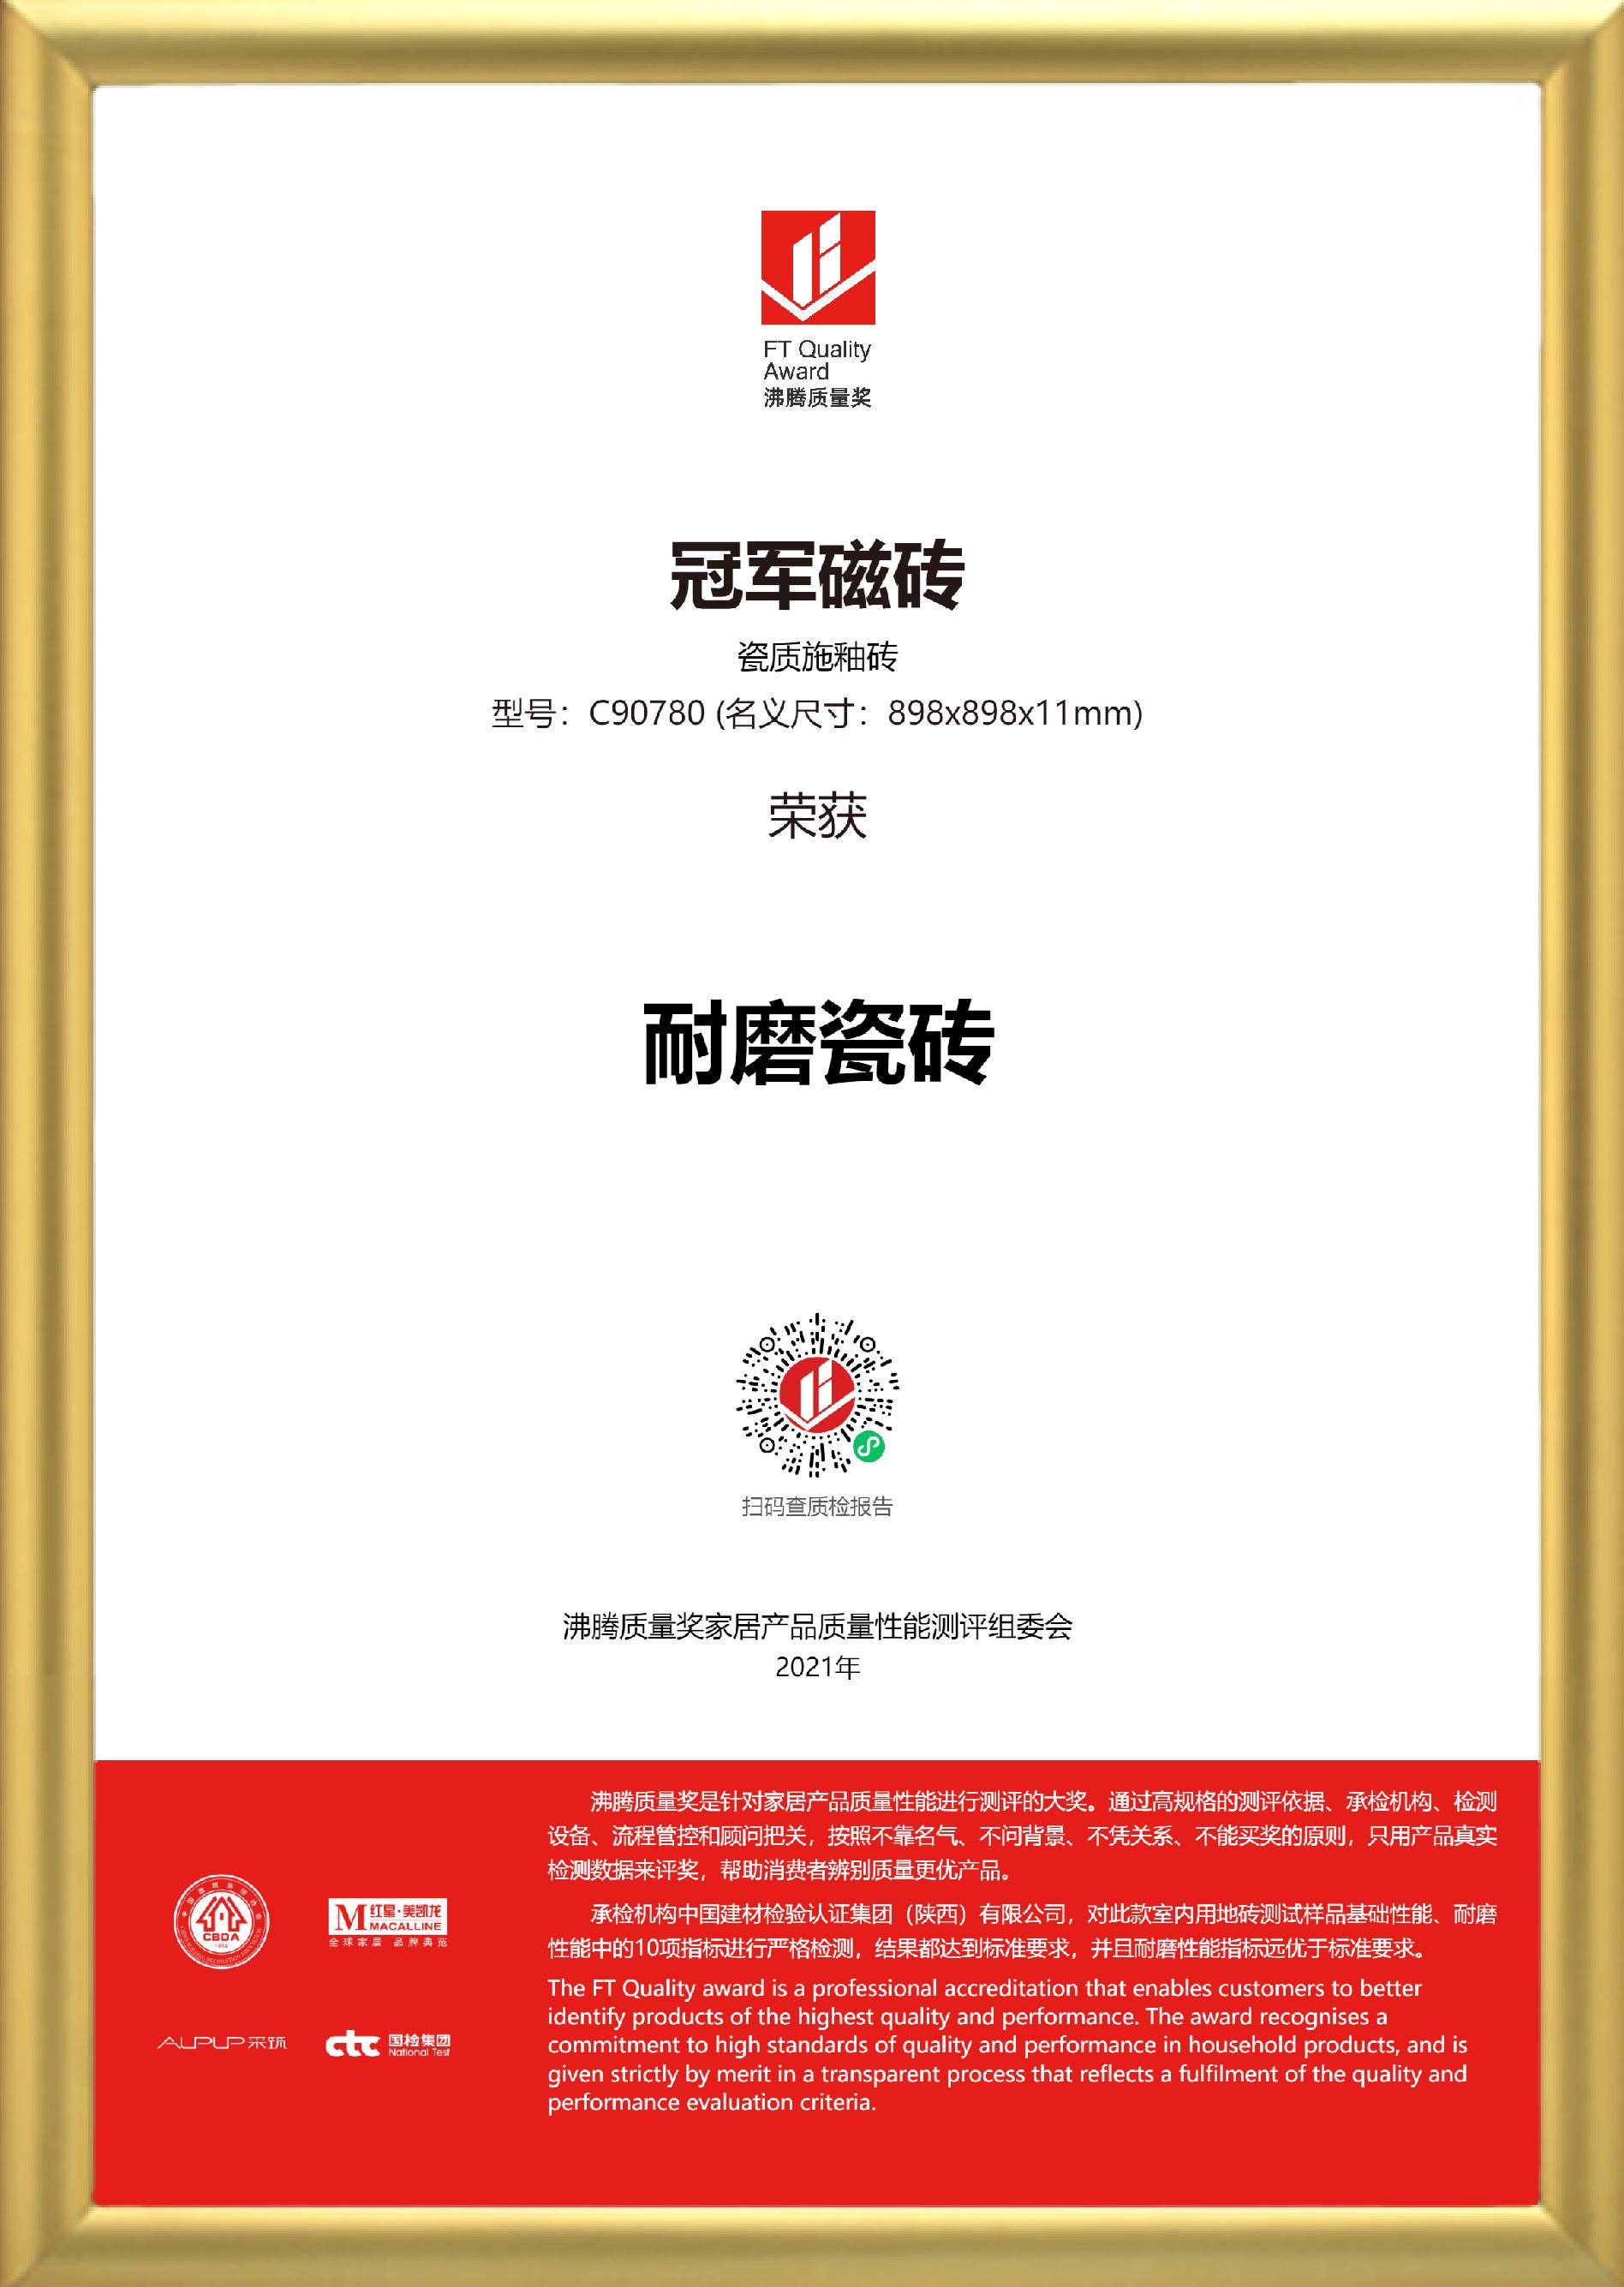 金框加持-获奖证书-冠军磁砖-室内用地砖-C90780 (名义尺寸:898x898x11mm).png